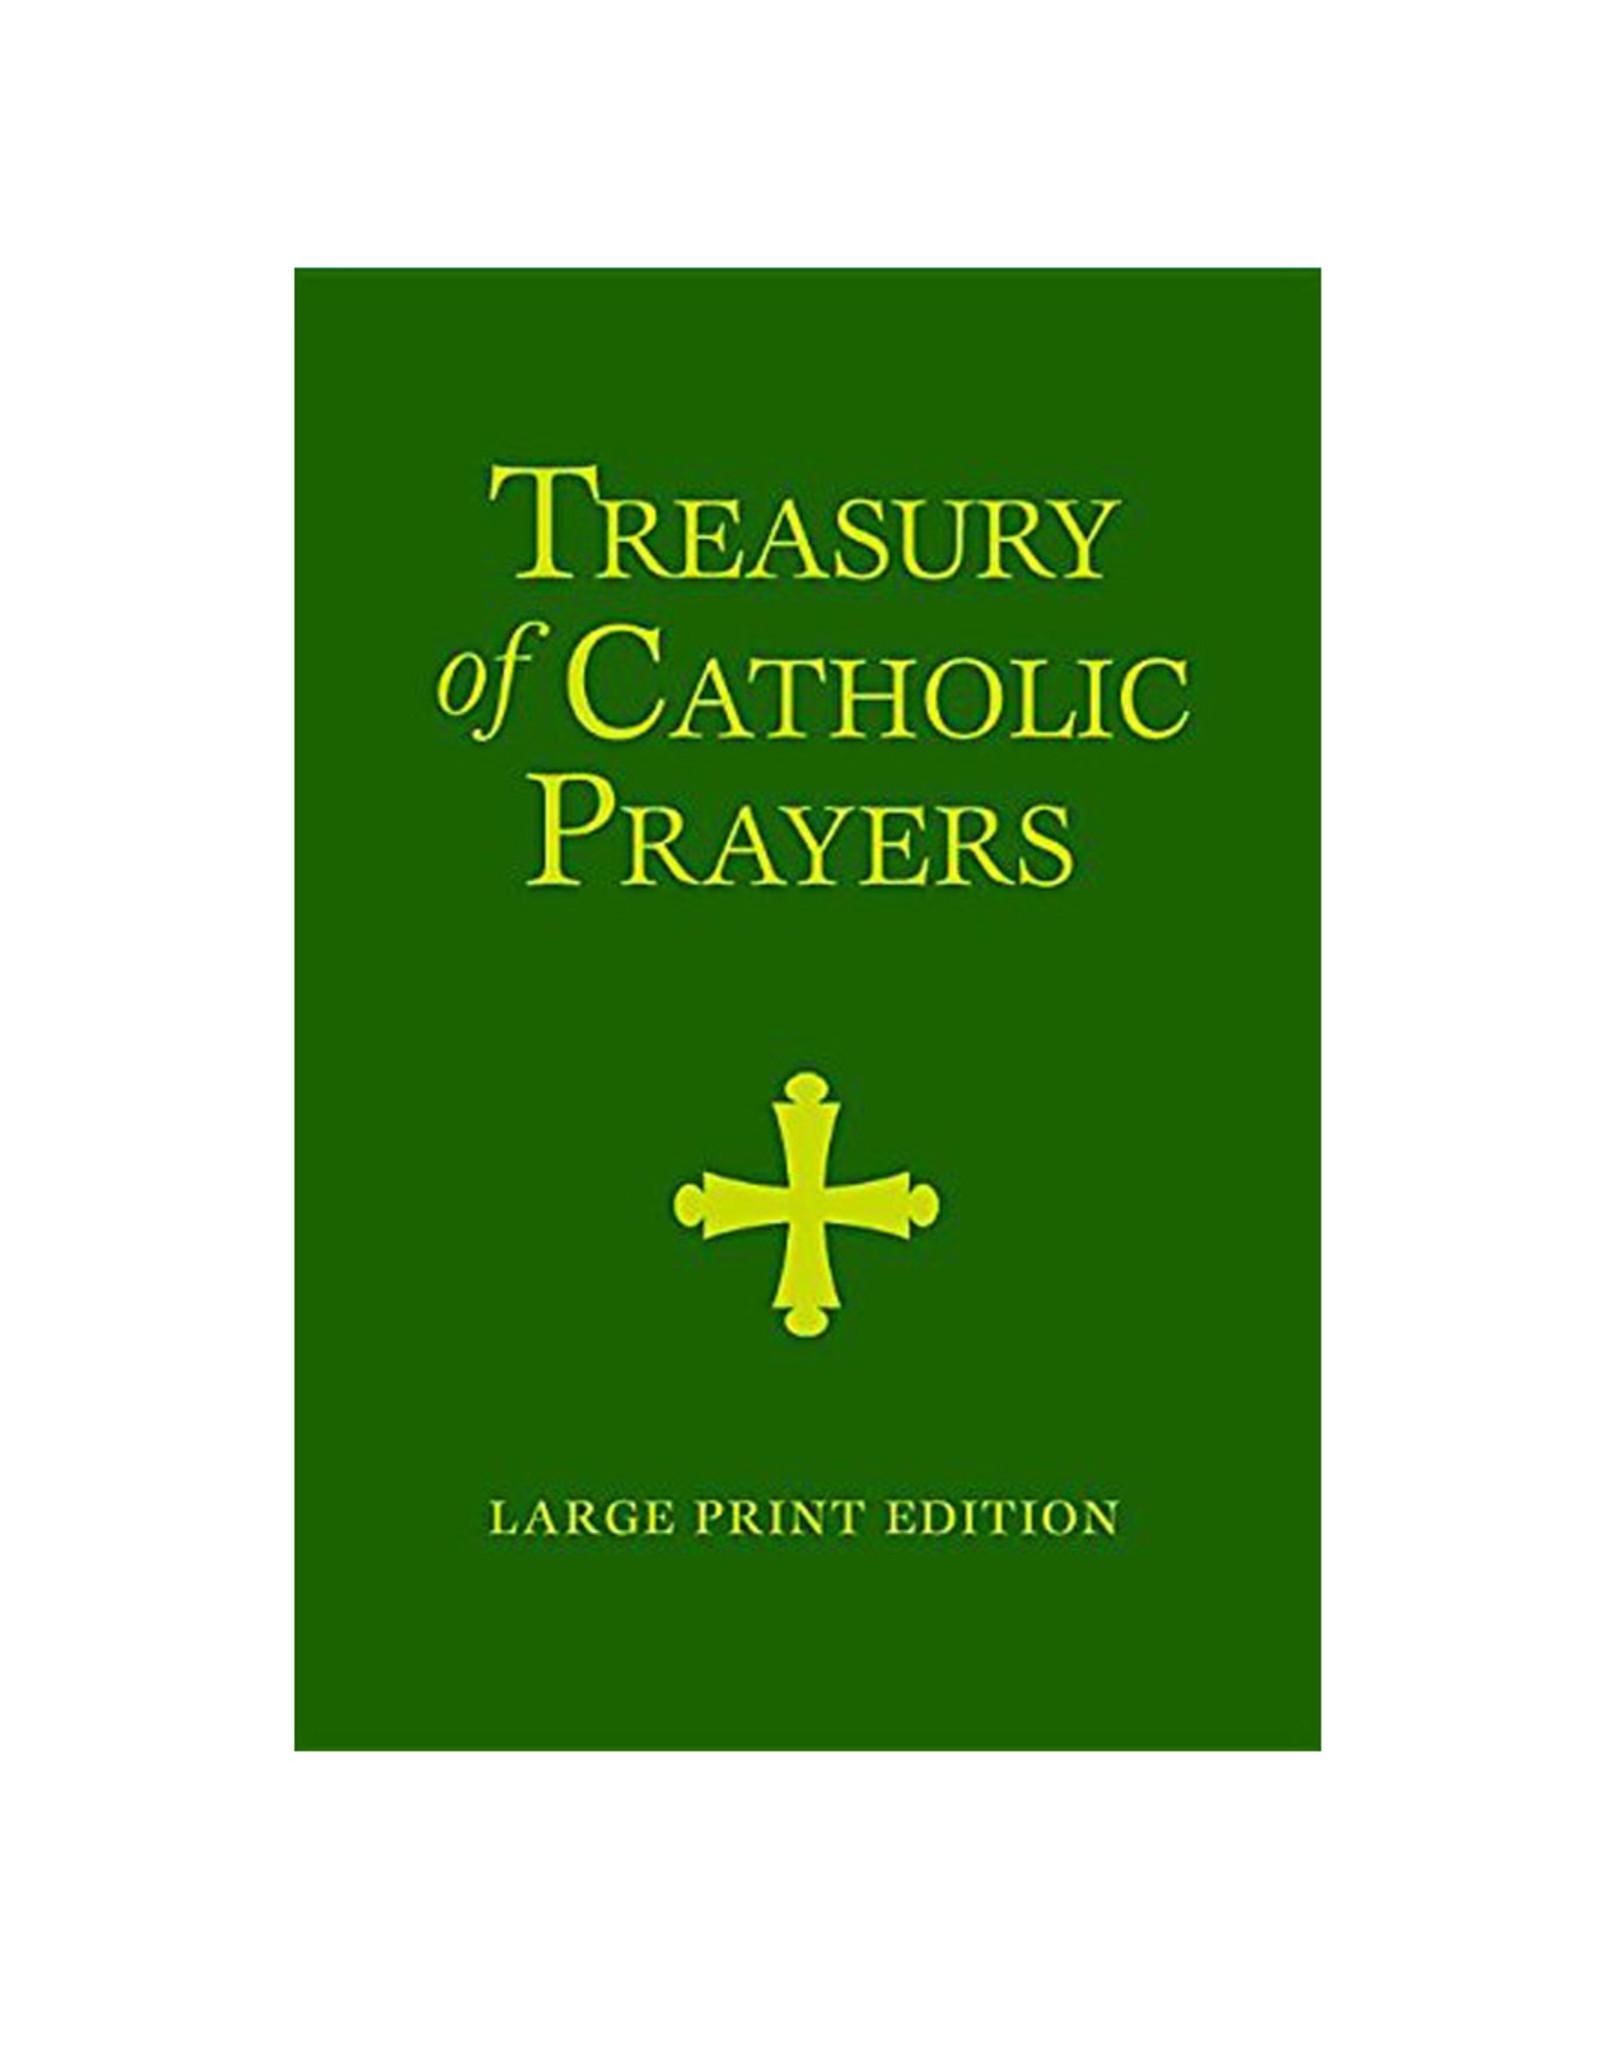 Treasury of catholic prayers (anglais)